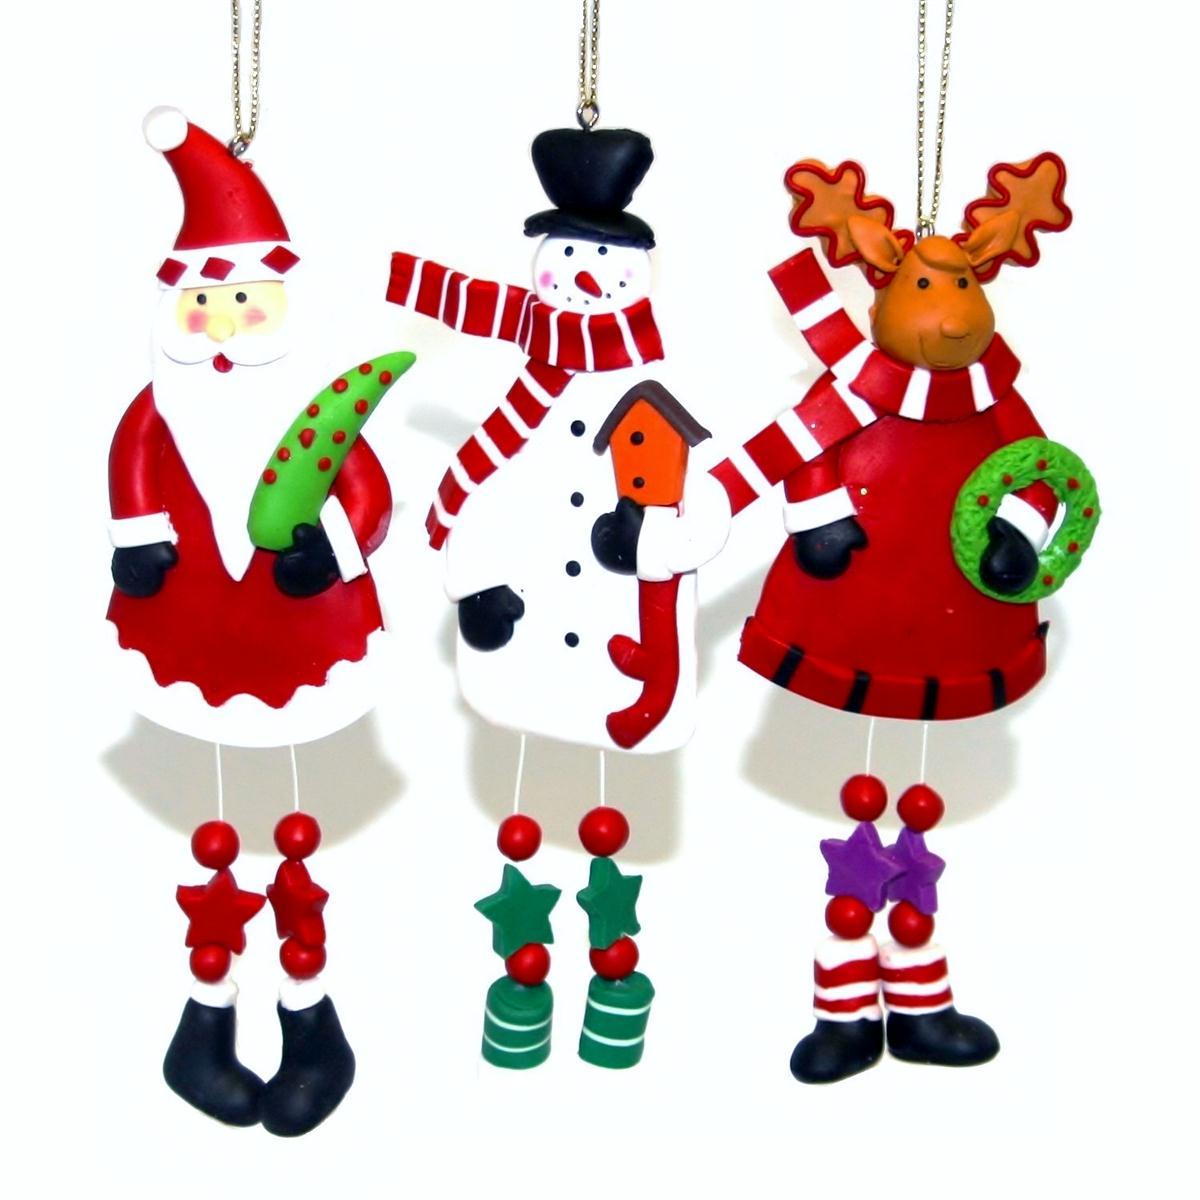 Knobbly Knees Clay Christmas Tree Ornaments Handmade Xmas Decorations Set Of 3